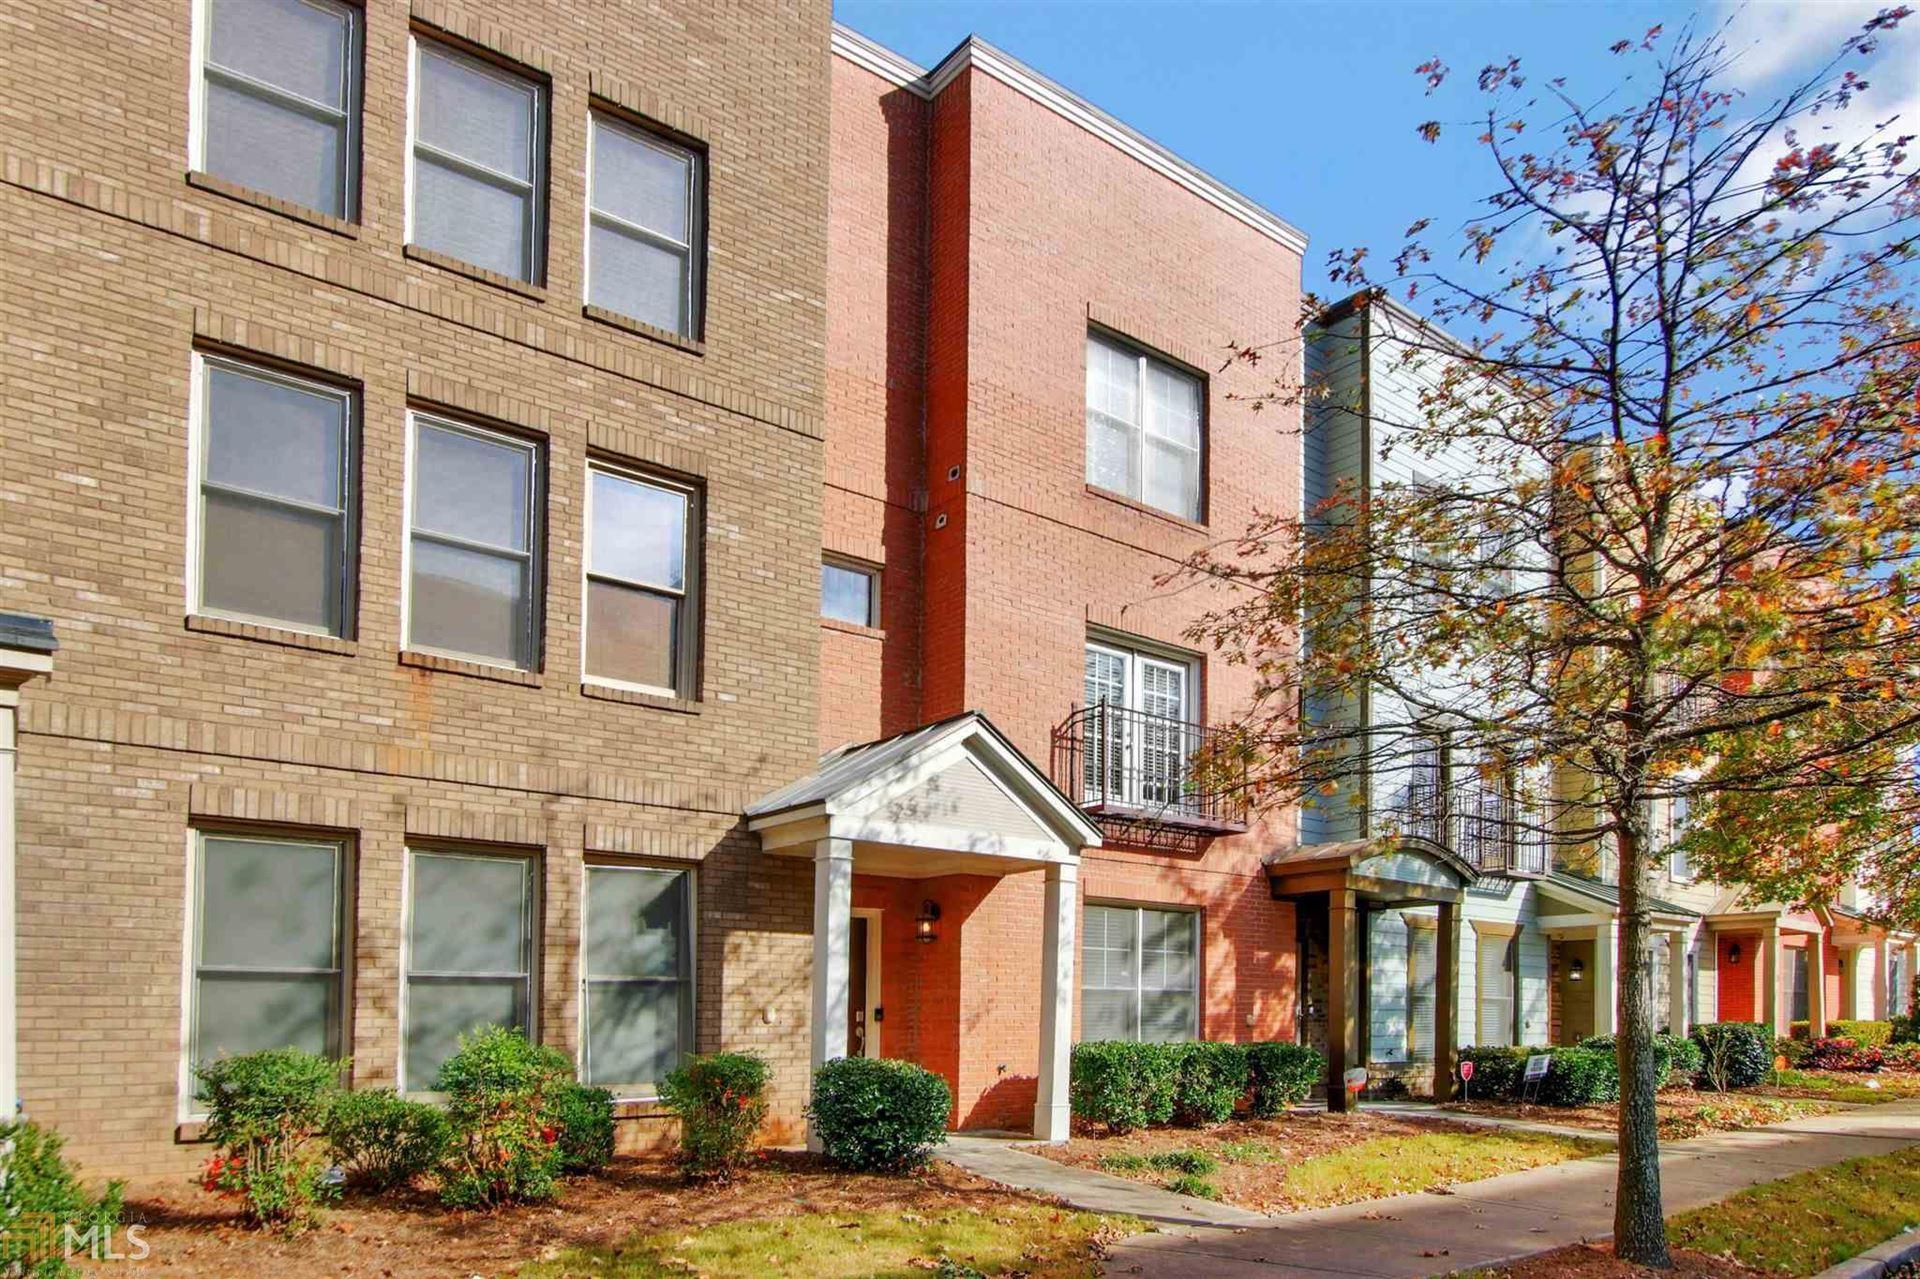 738 Liberty Commons Dr, Atlanta, GA 30314 - MLS#: 8885572